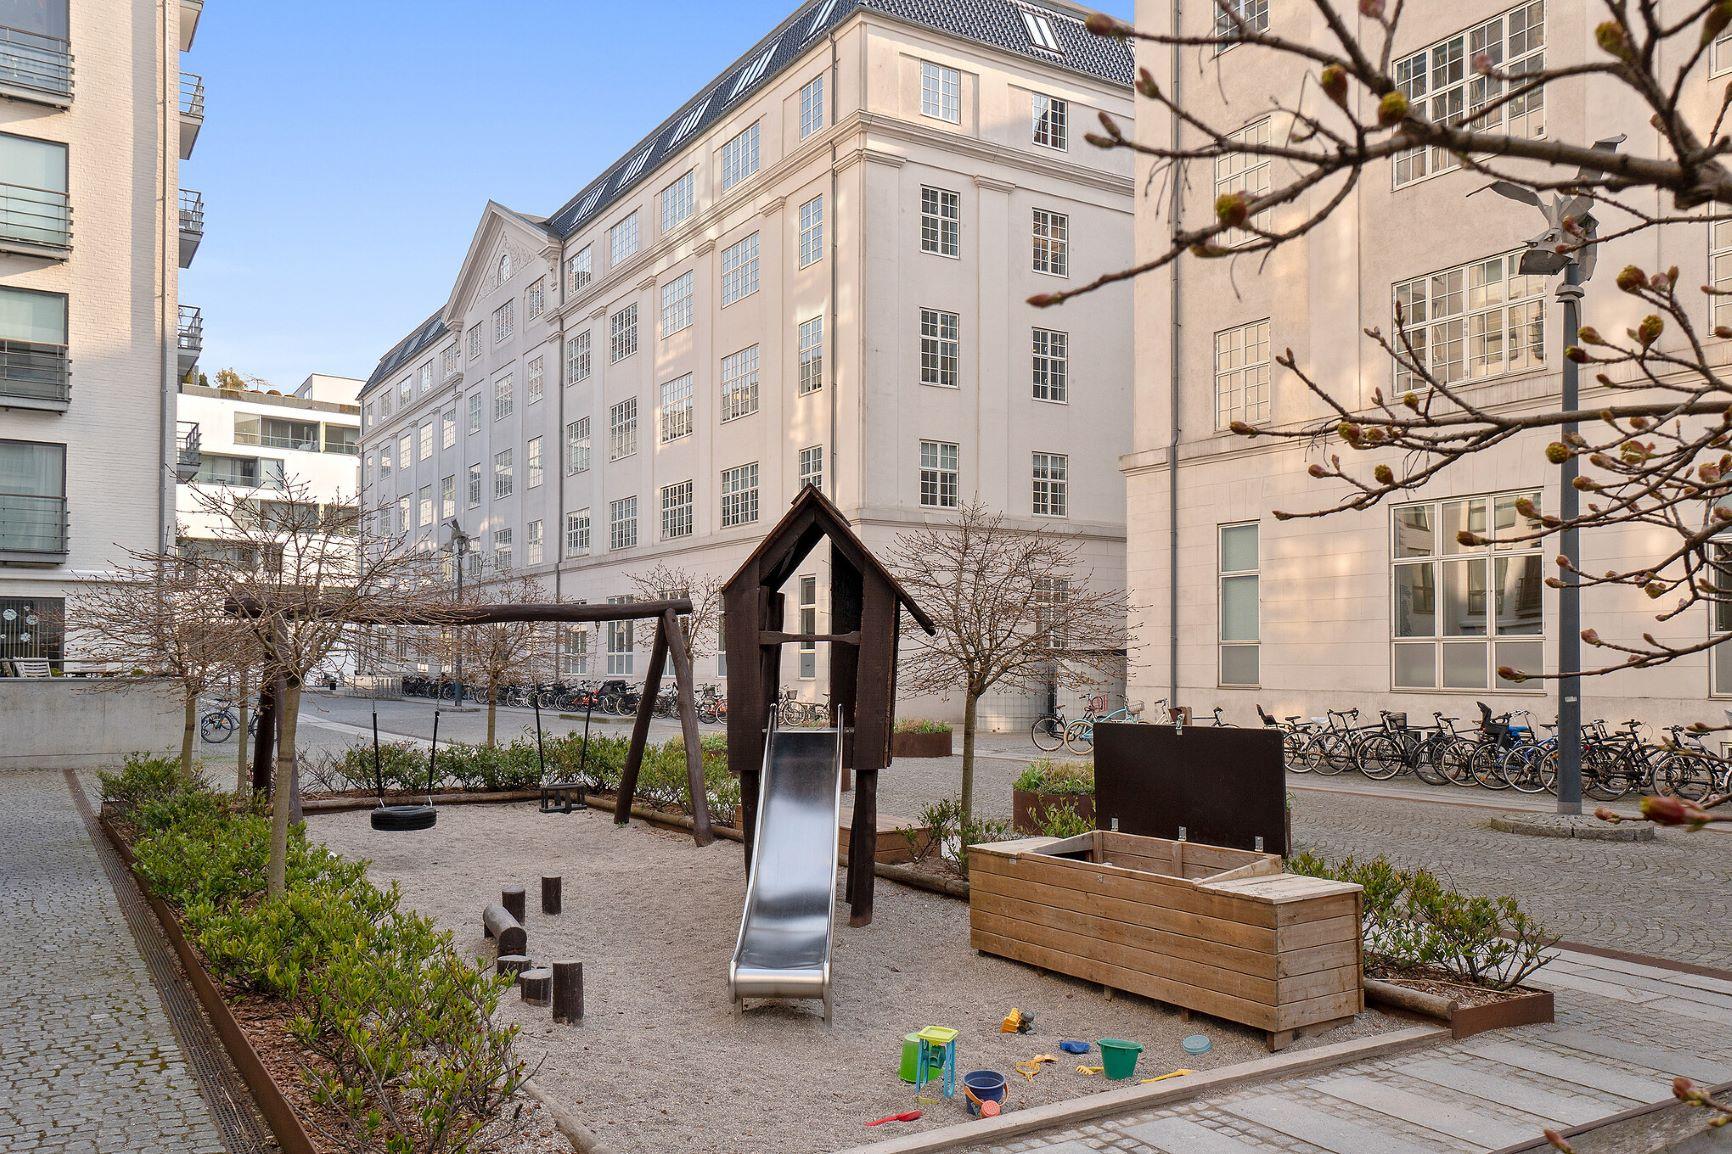 Lejebolig på Amerika Plads 22, 4. tv., 2100 København Ø